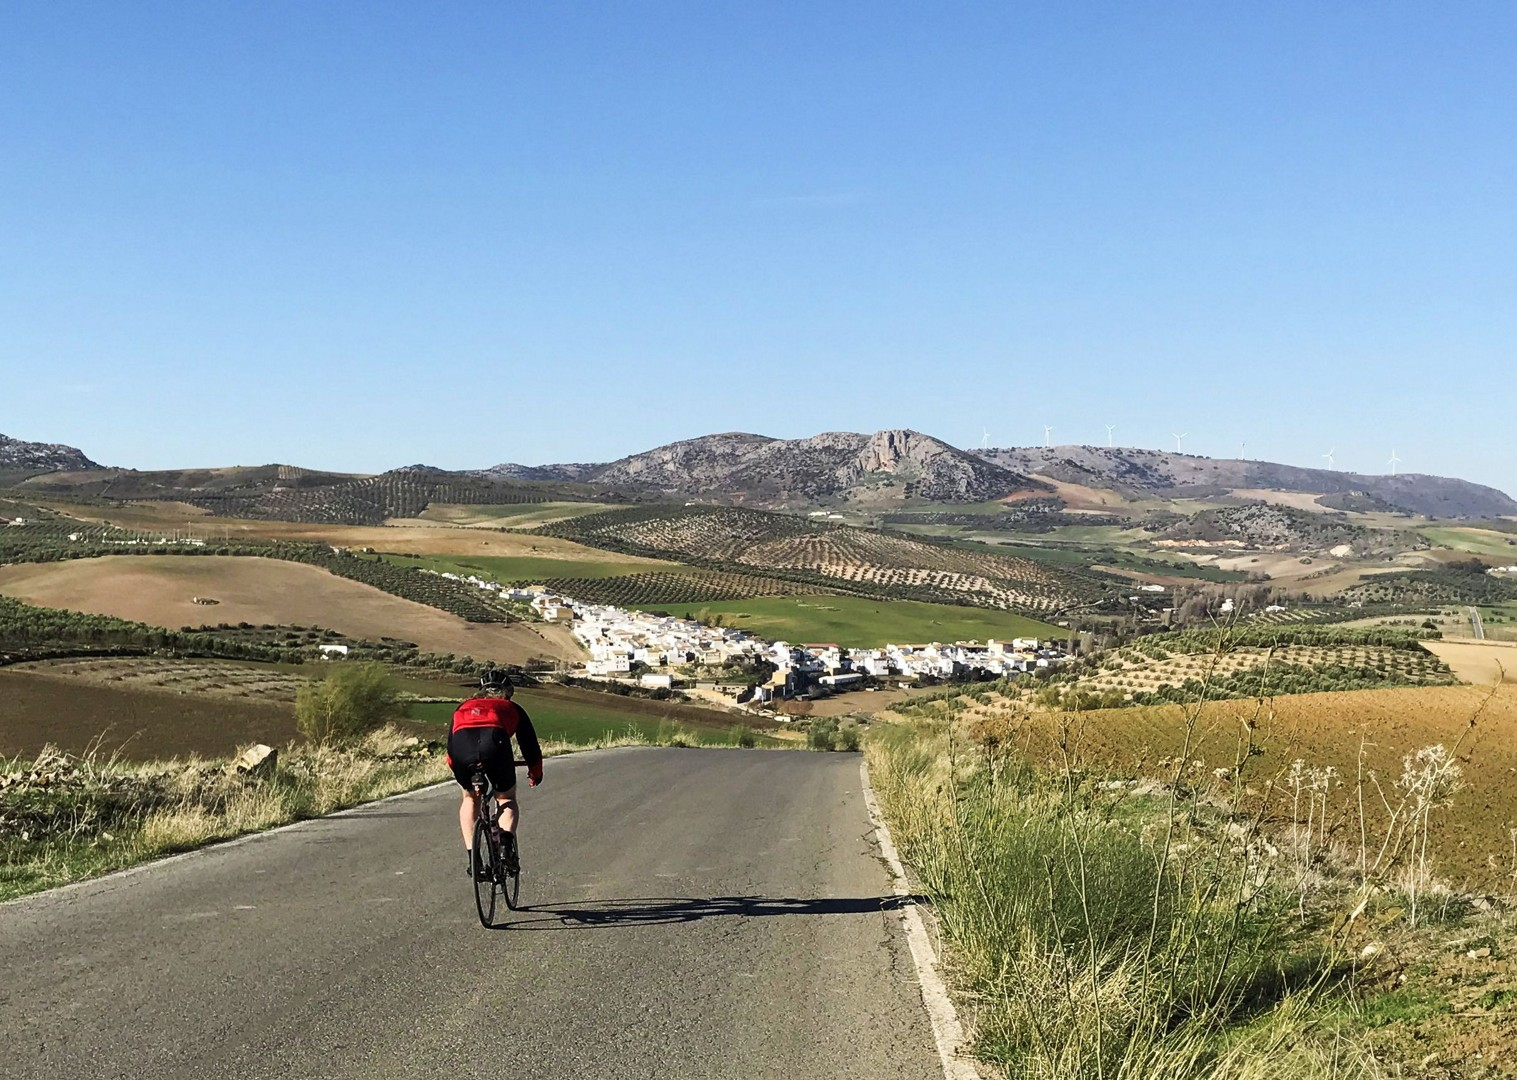 road-cycling-holiday-los-pueblos-blancos-andalucia-spain-Serrania-de-Ronda-white-villages.jpg - Southern Spain - Andalucia - Los Pueblos Blancos - Self-Guided Road Cycling Holiday - Road Cycling